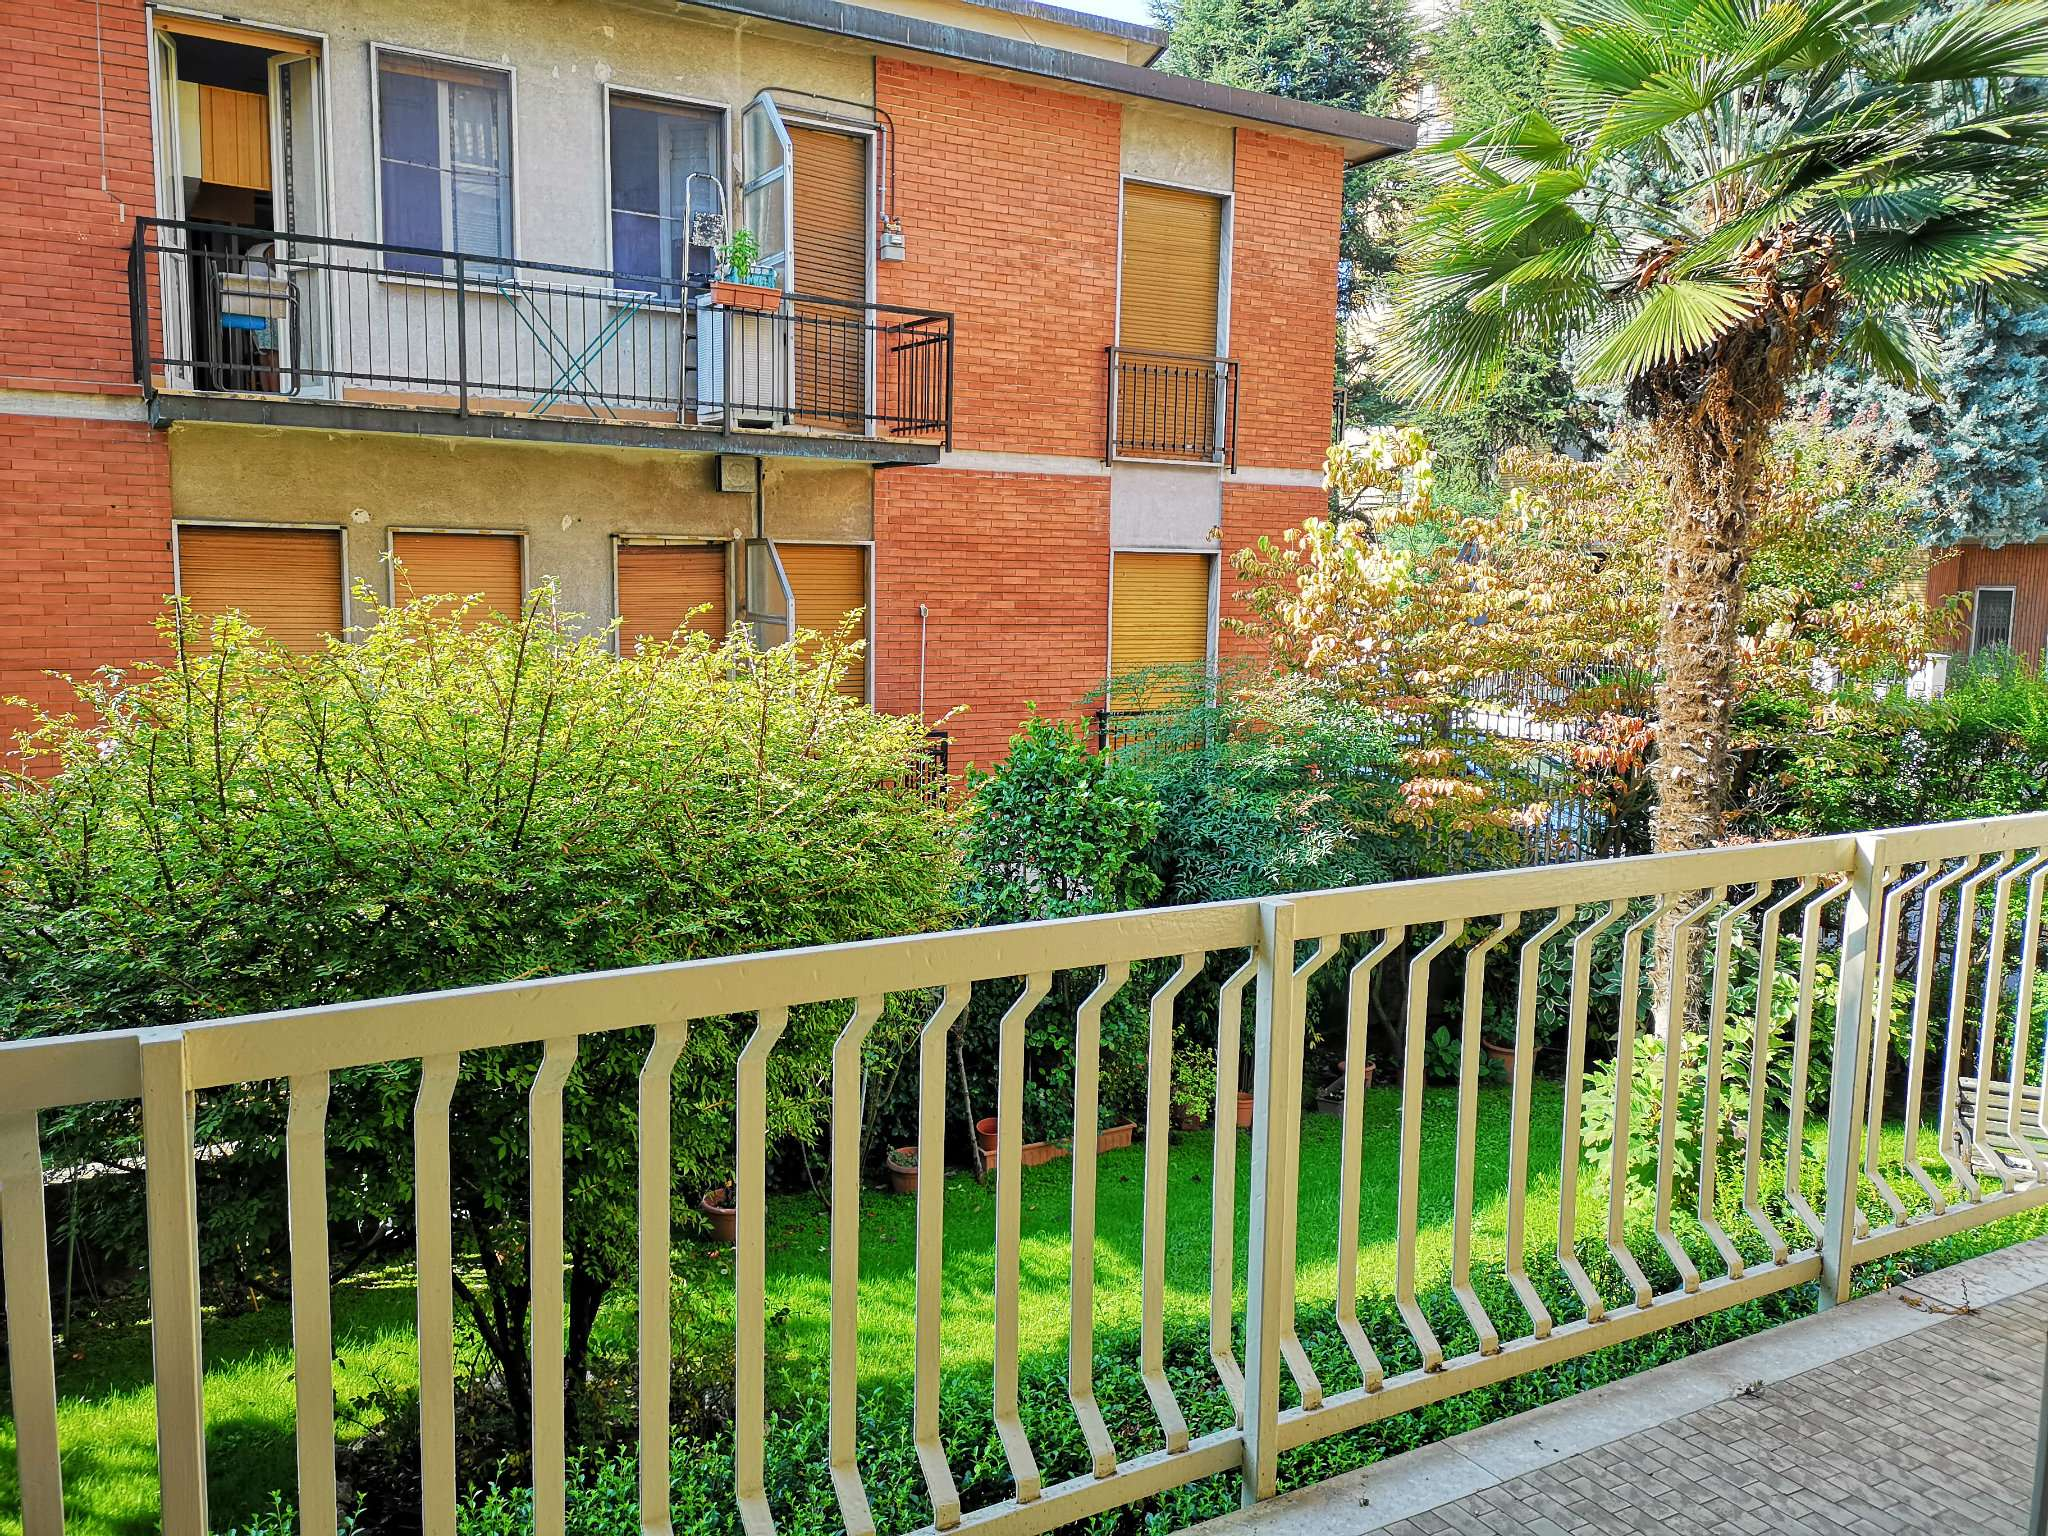 Appartamento in vendita a Novate Milanese, 3 locali, prezzo € 330.000 | PortaleAgenzieImmobiliari.it